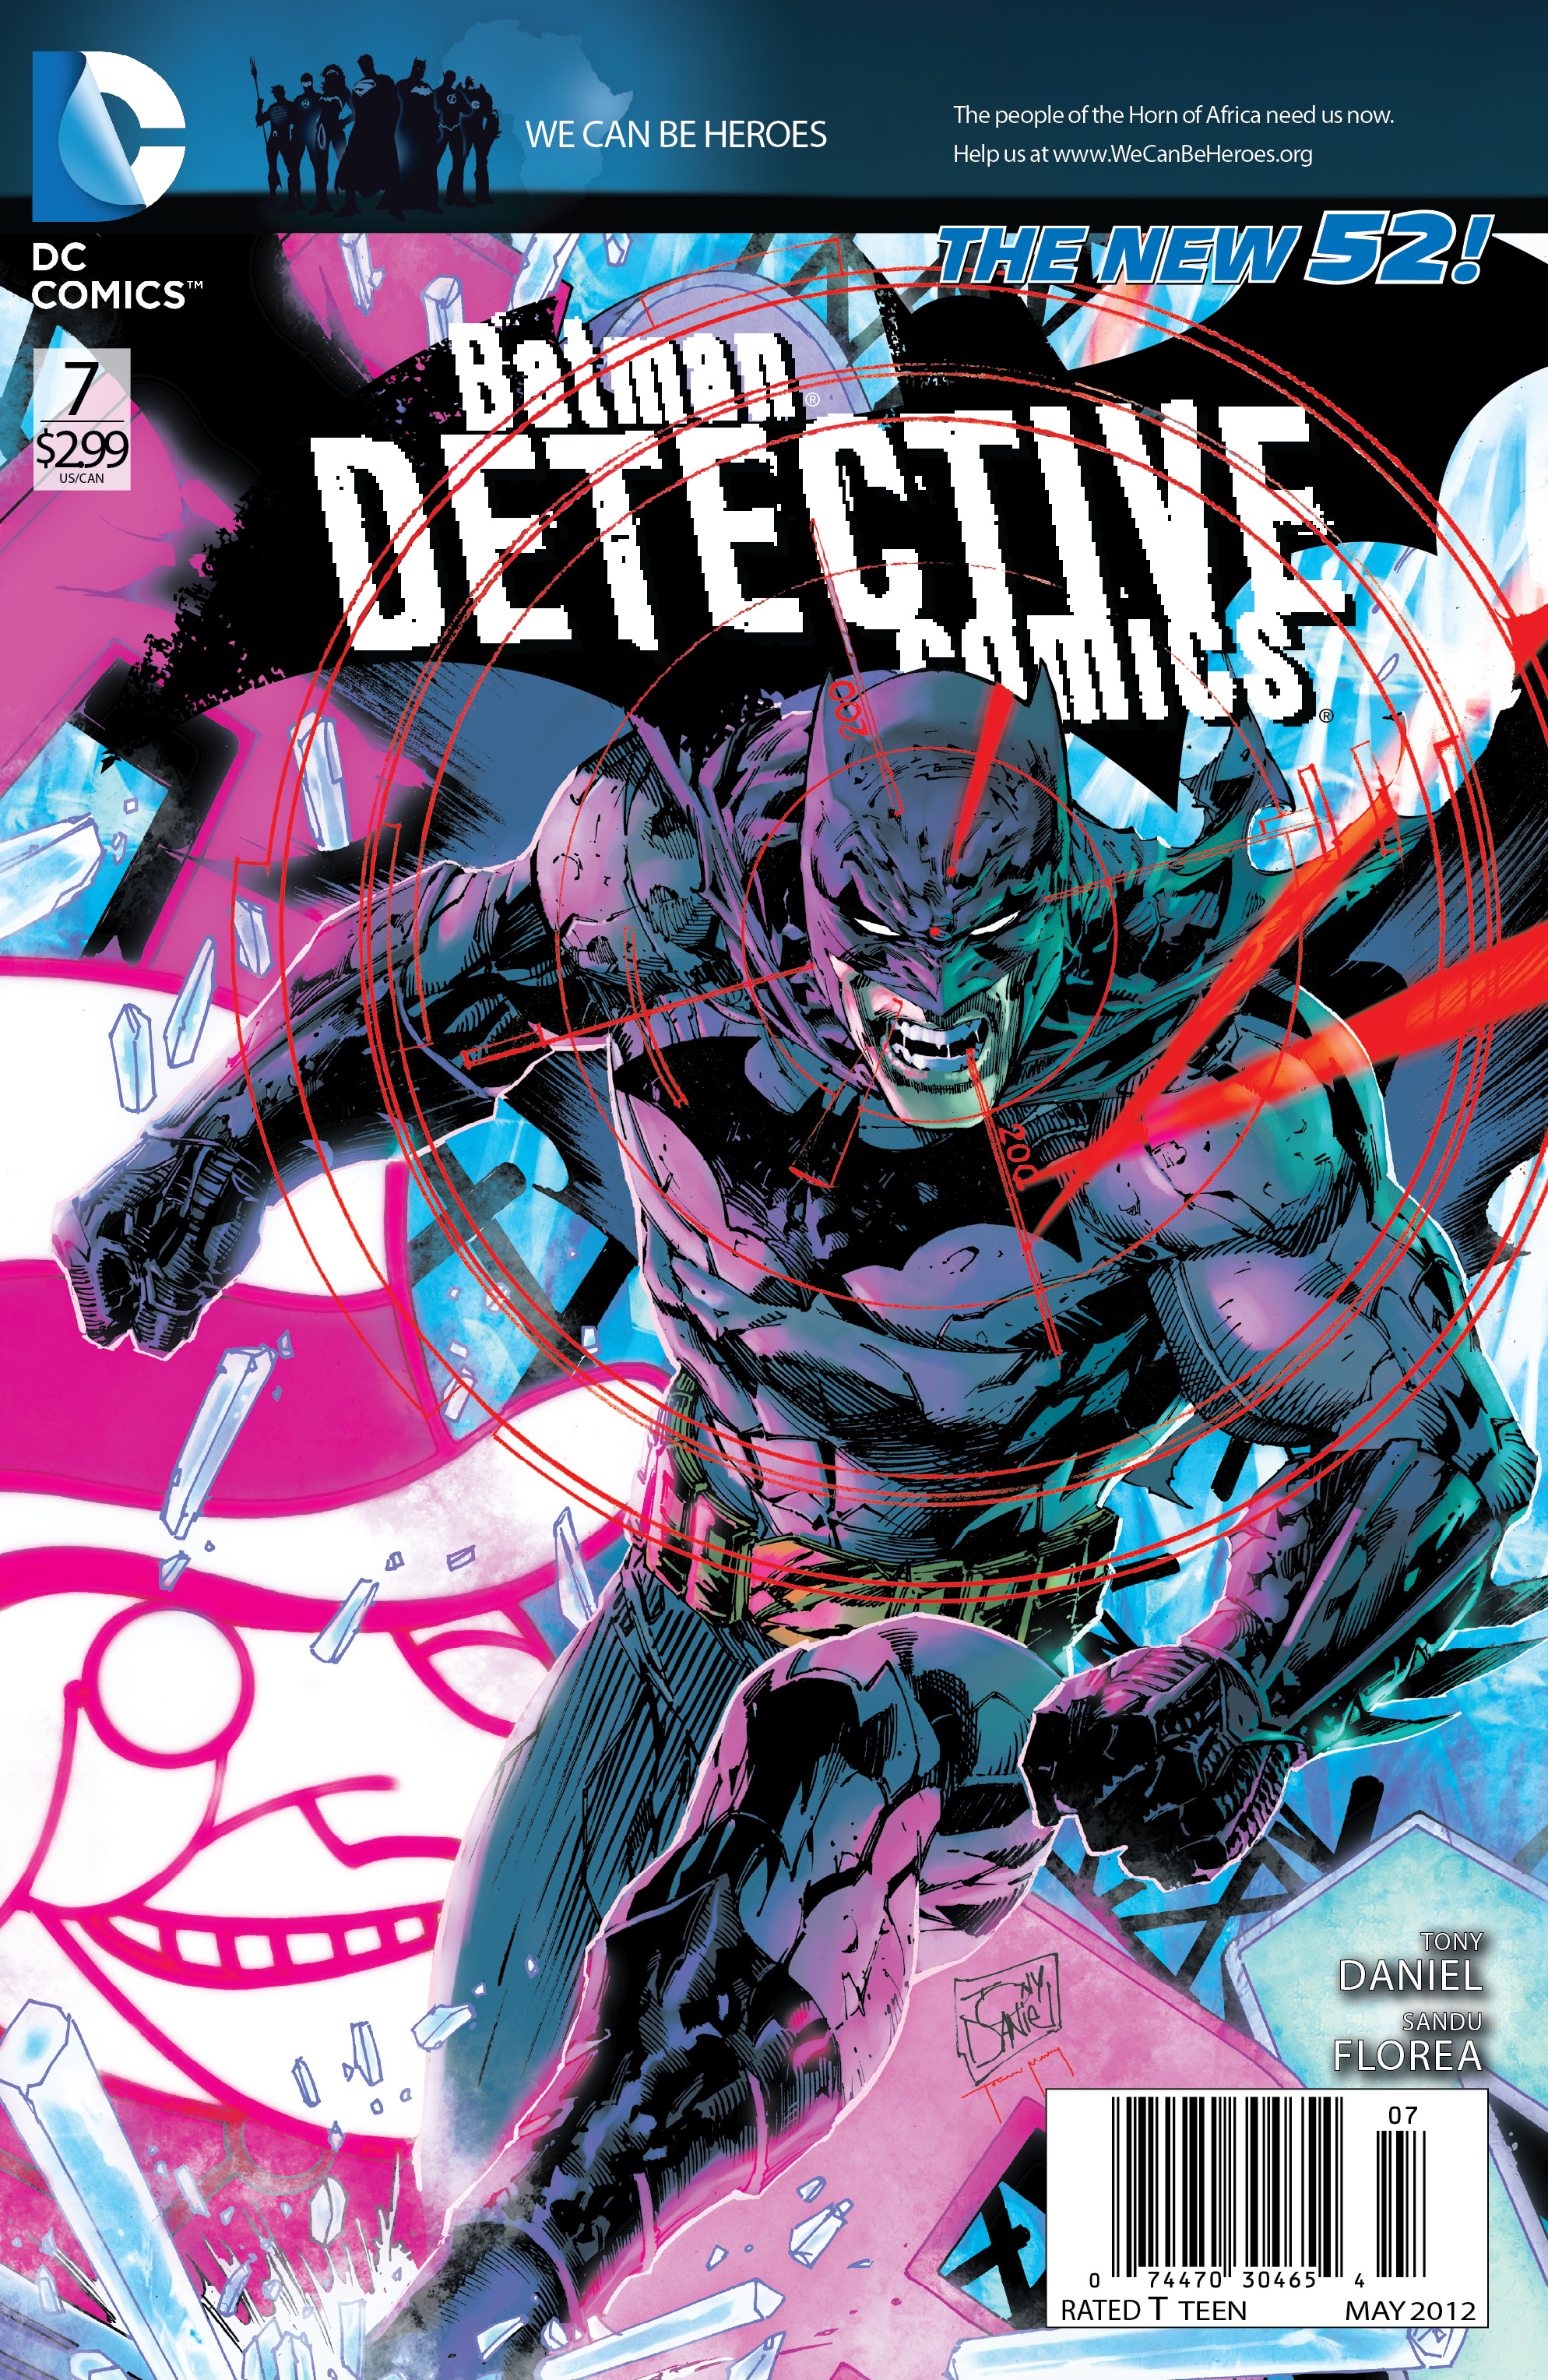 1988x3056 > Batman: Detective Comics Wallpapers